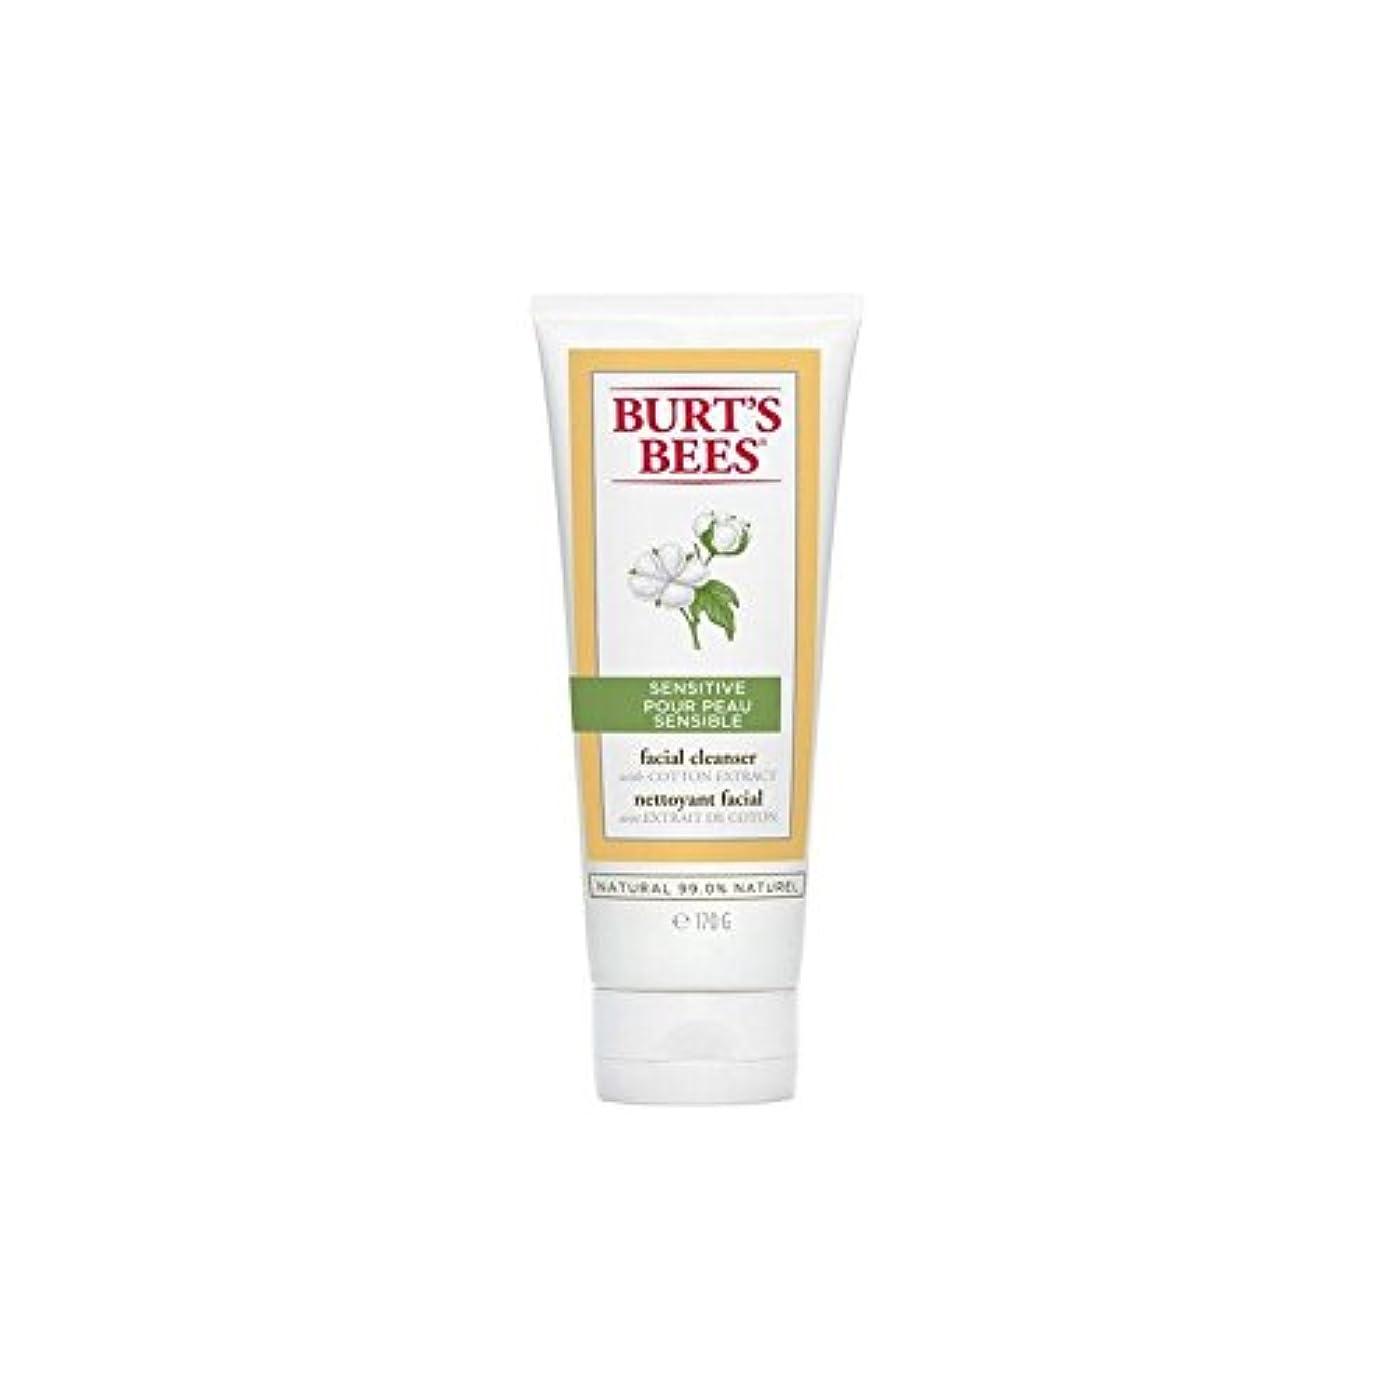 ソース肥満故障中バーツビー敏感な洗顔料の170グラム x4 - Burt's Bees Sensitive Facial Cleanser 170G (Pack of 4) [並行輸入品]